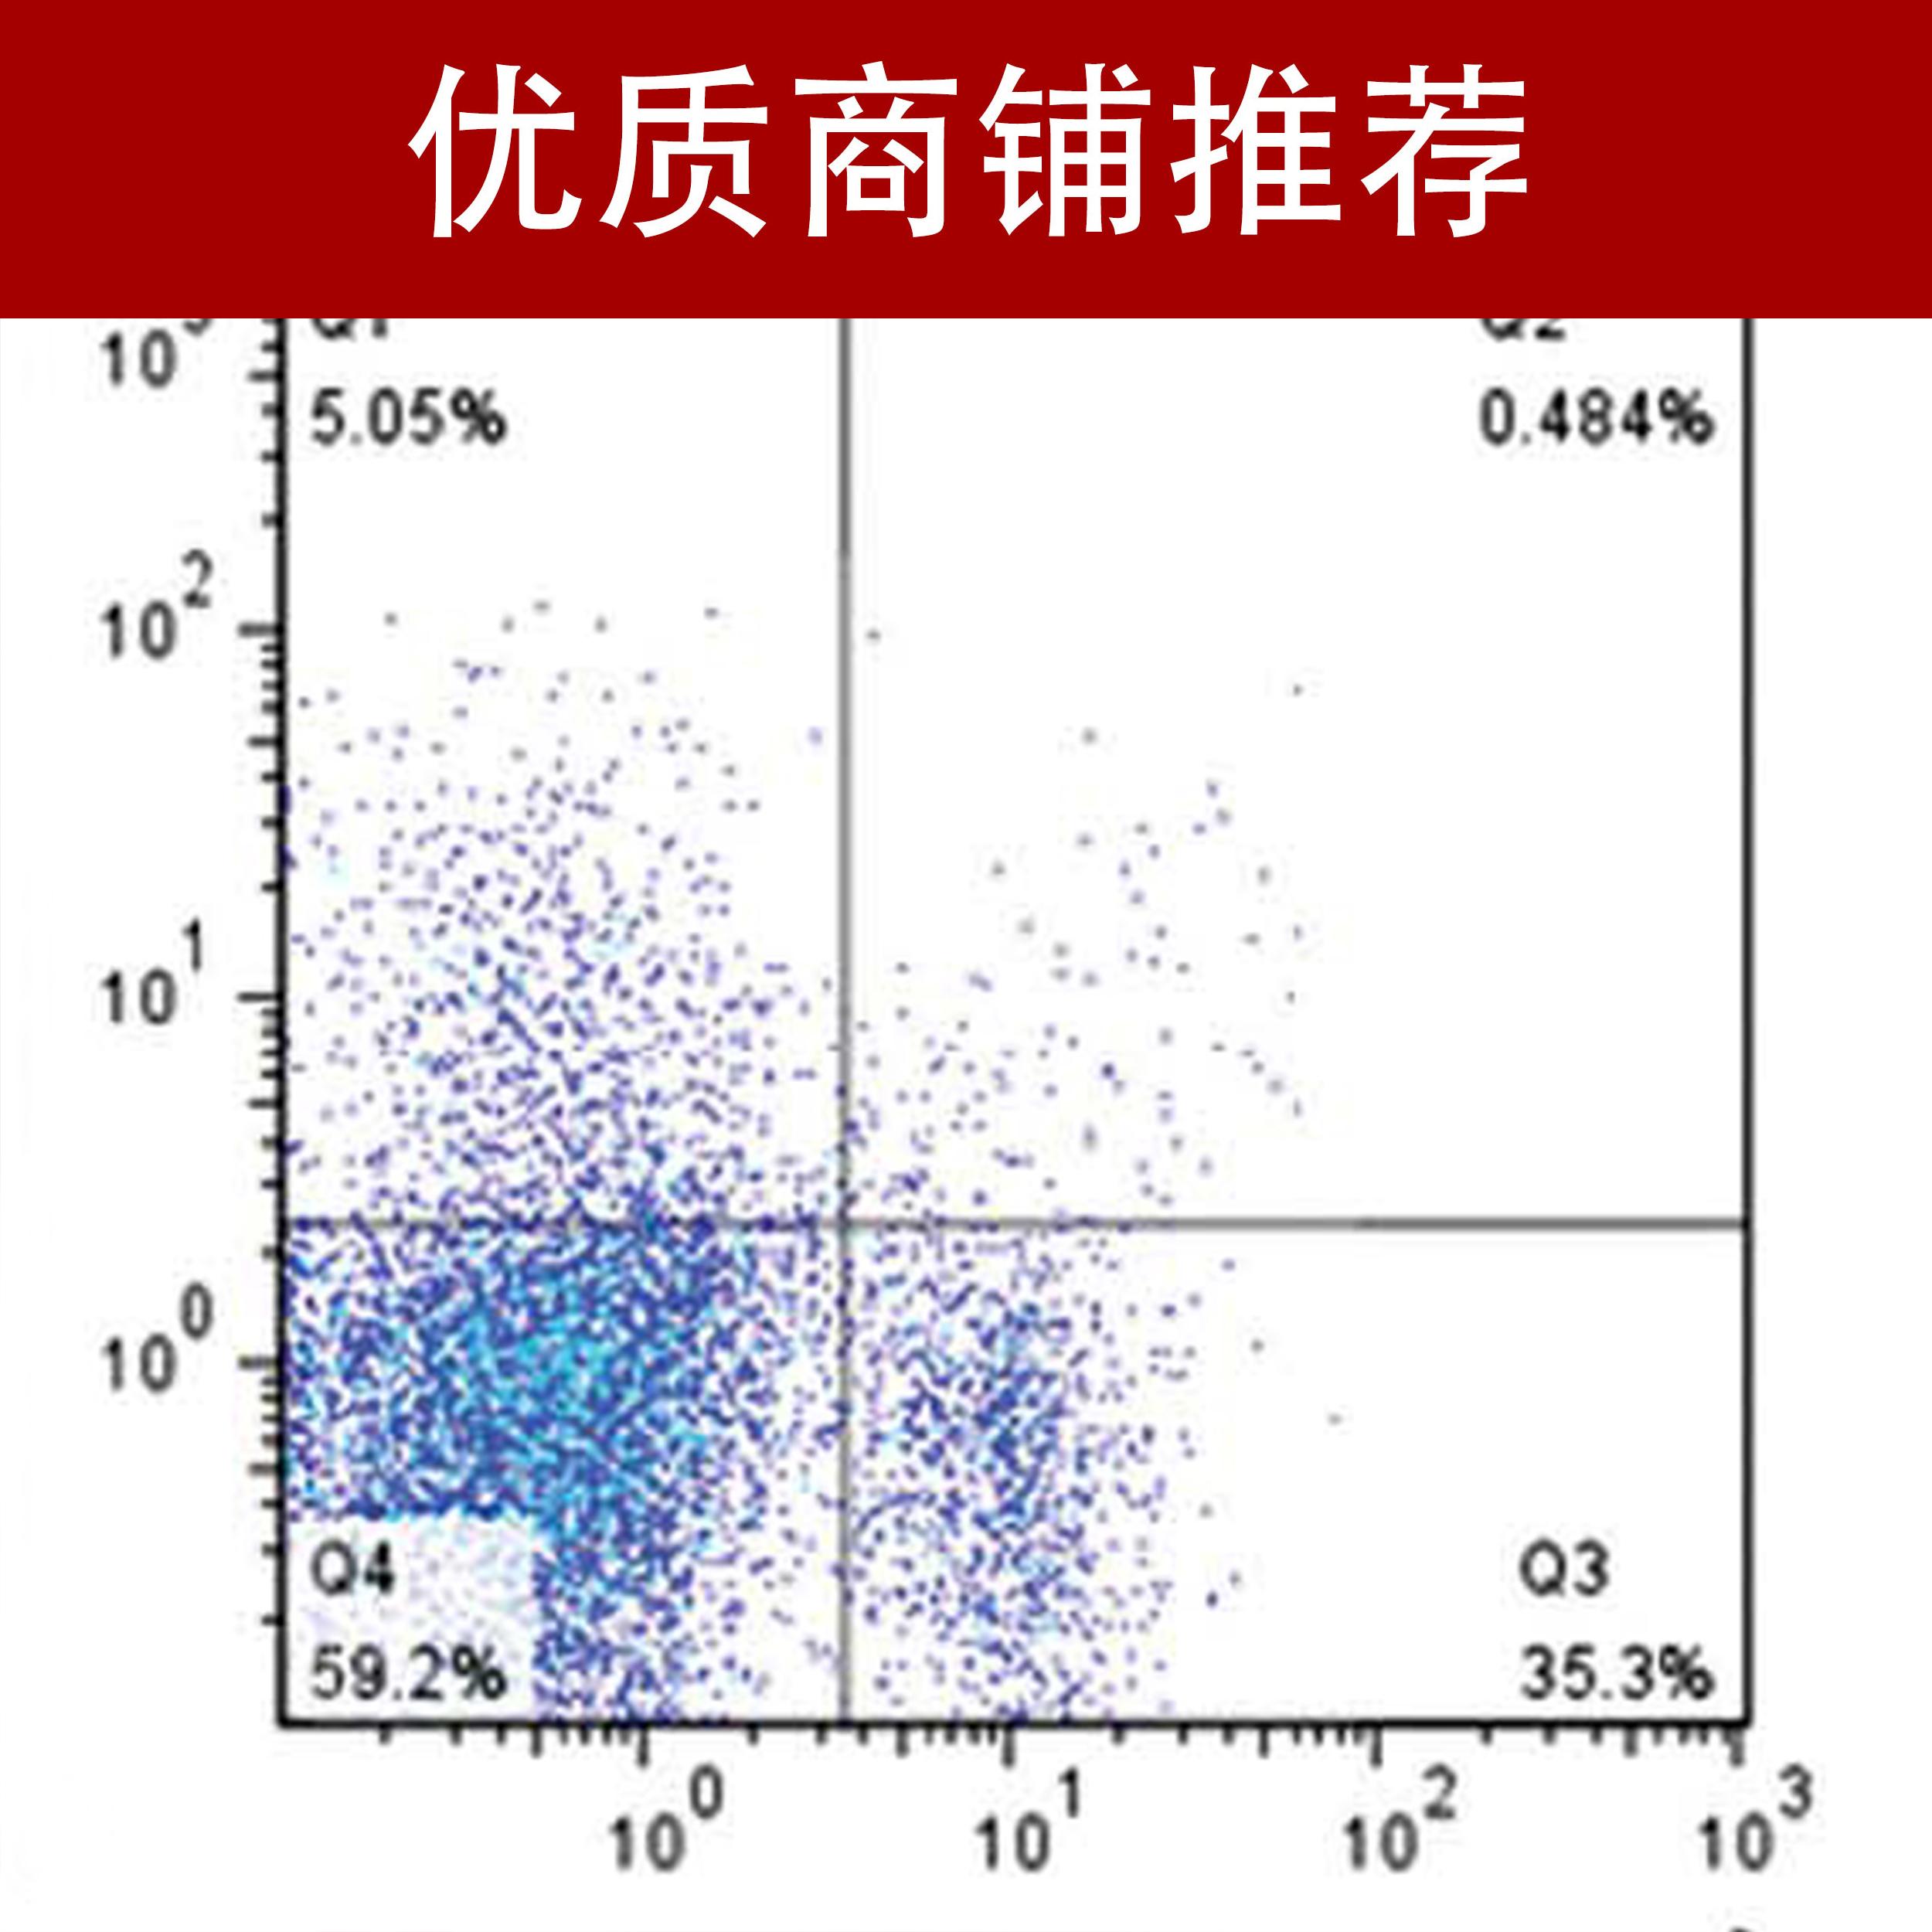 流式细胞周期检测